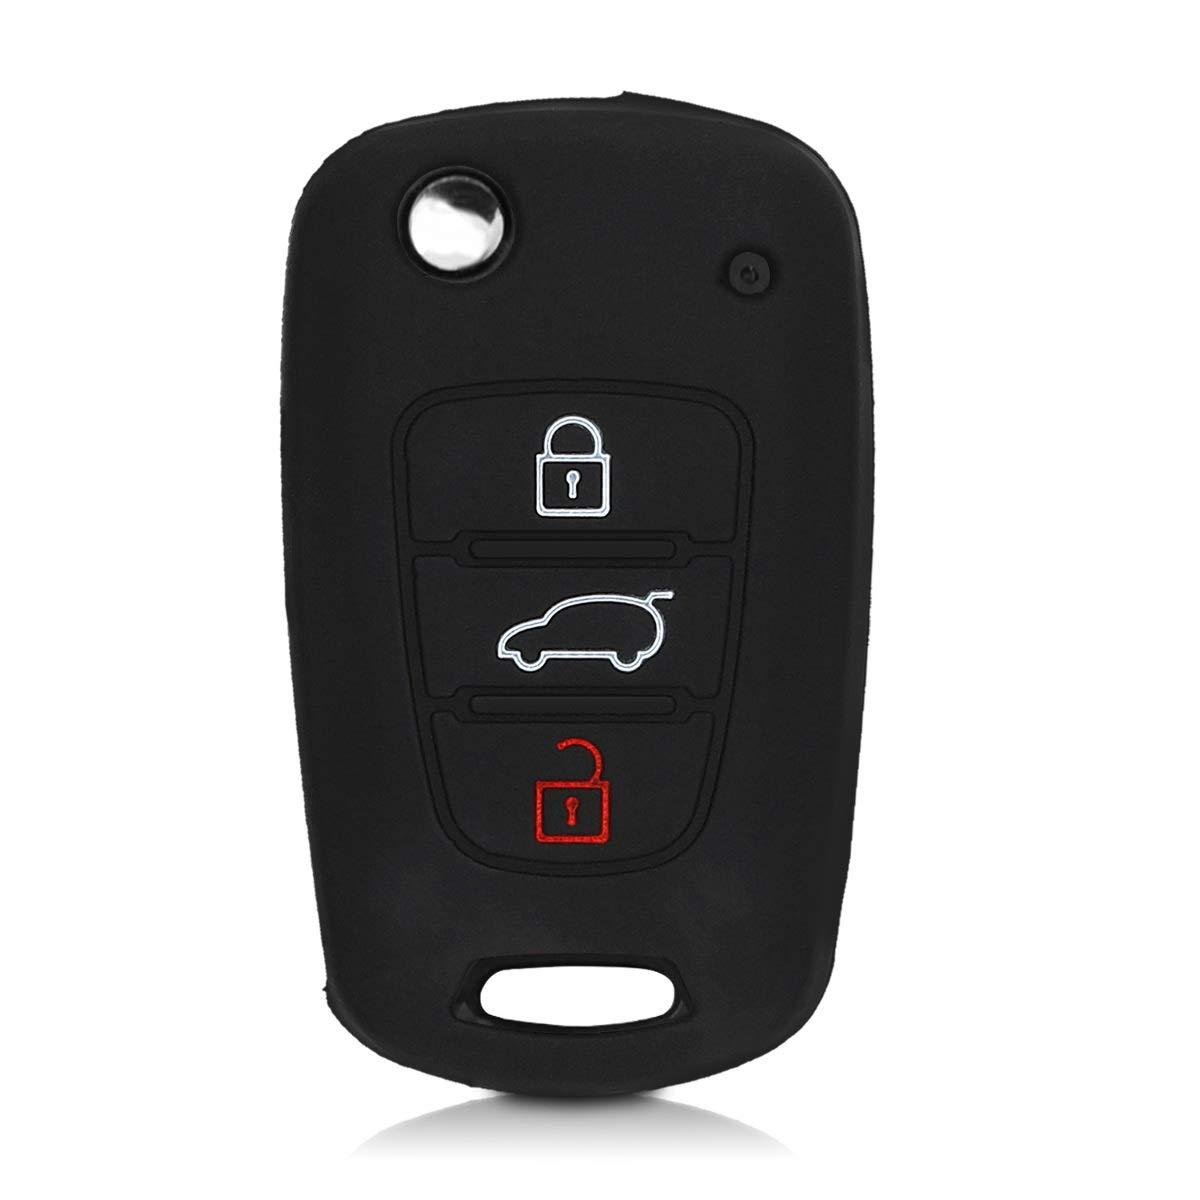 Carcasa Protectora Silicona de Rojo kwmobile Funda de Silicona para Llave Plegable de 3 Botones para Coche Hyundai - Case Mando de Auto Suave